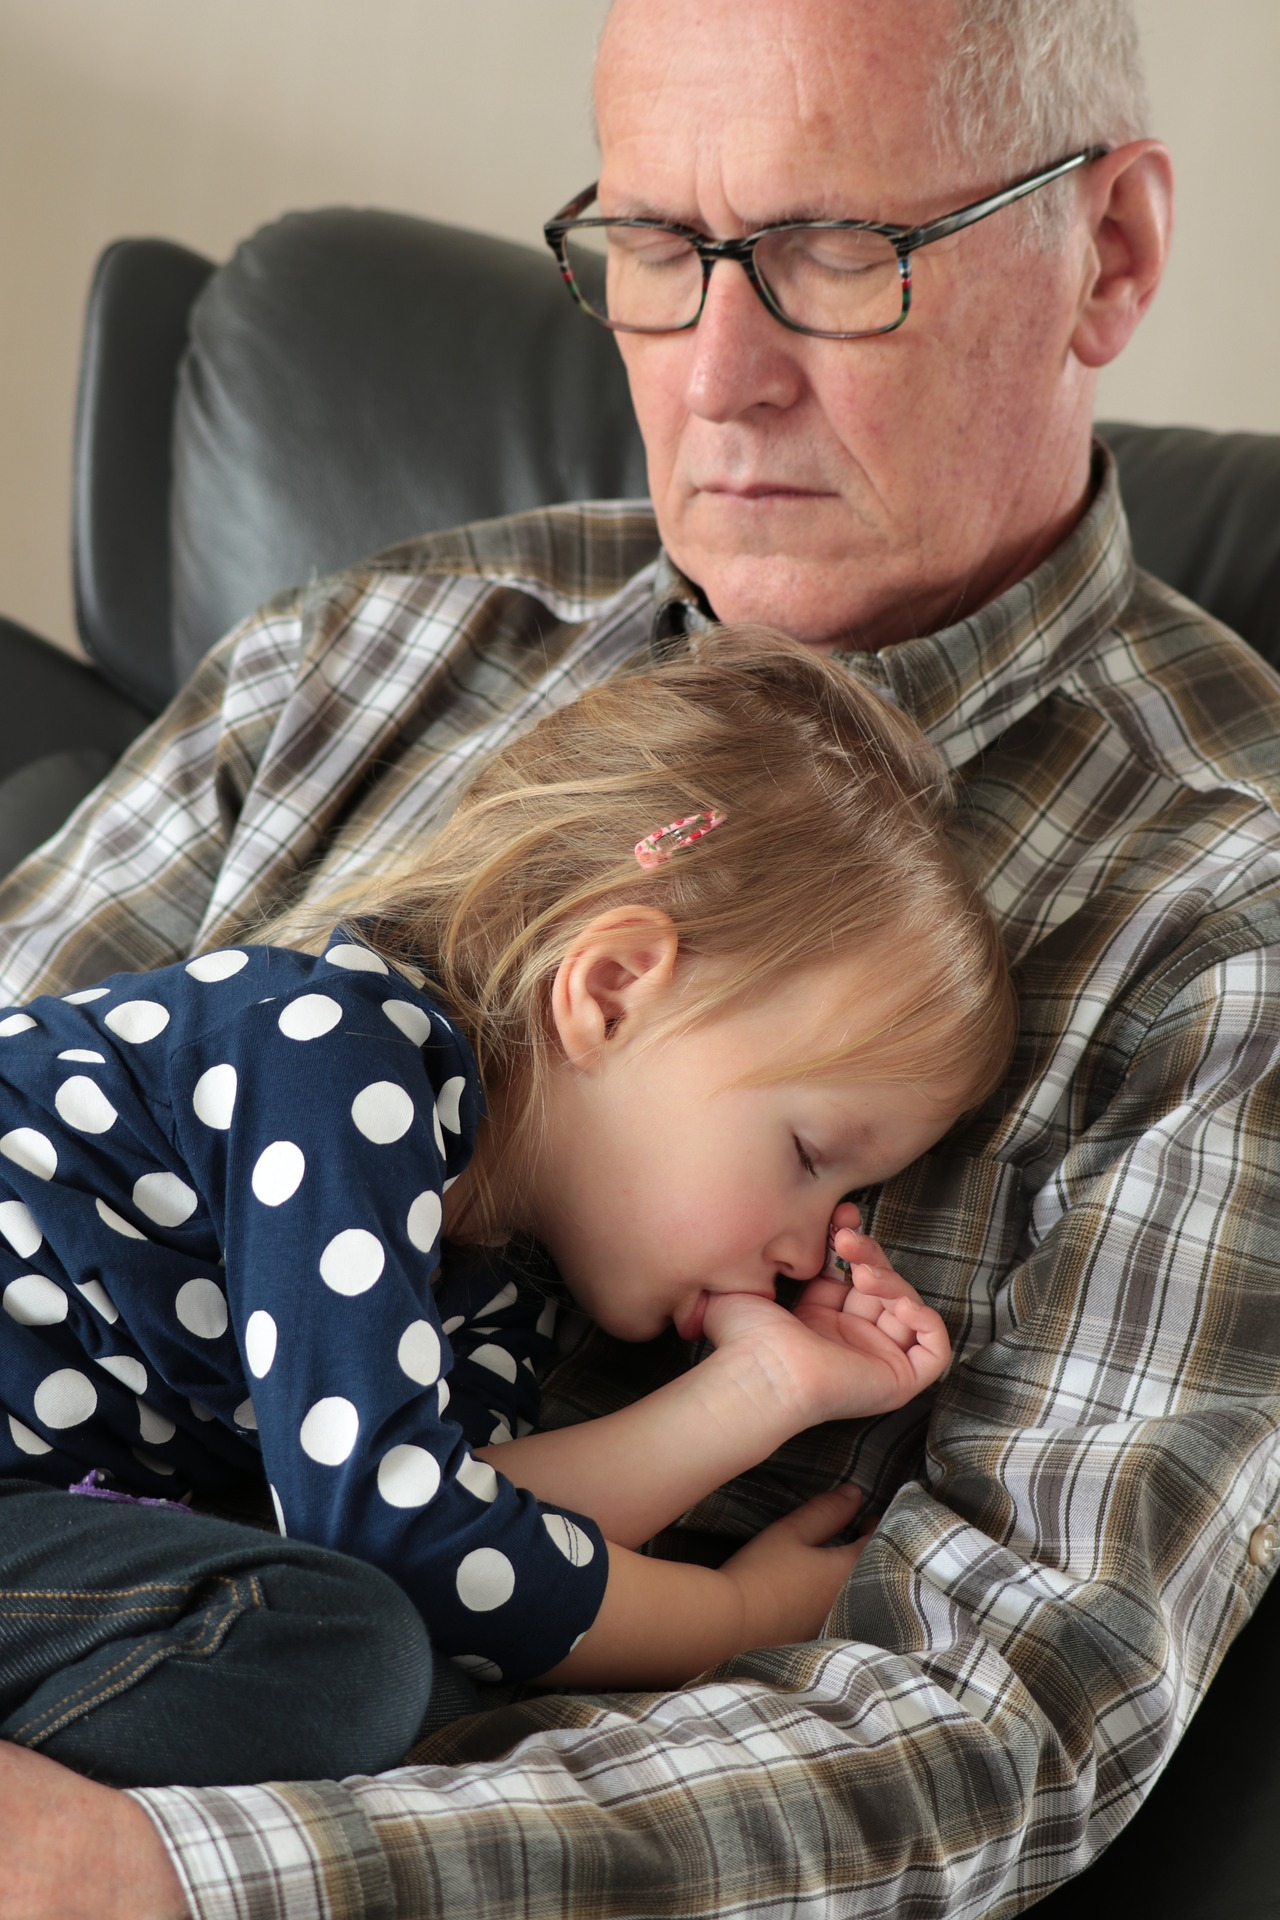 le buone abitudini - nonno e nipote che risposano